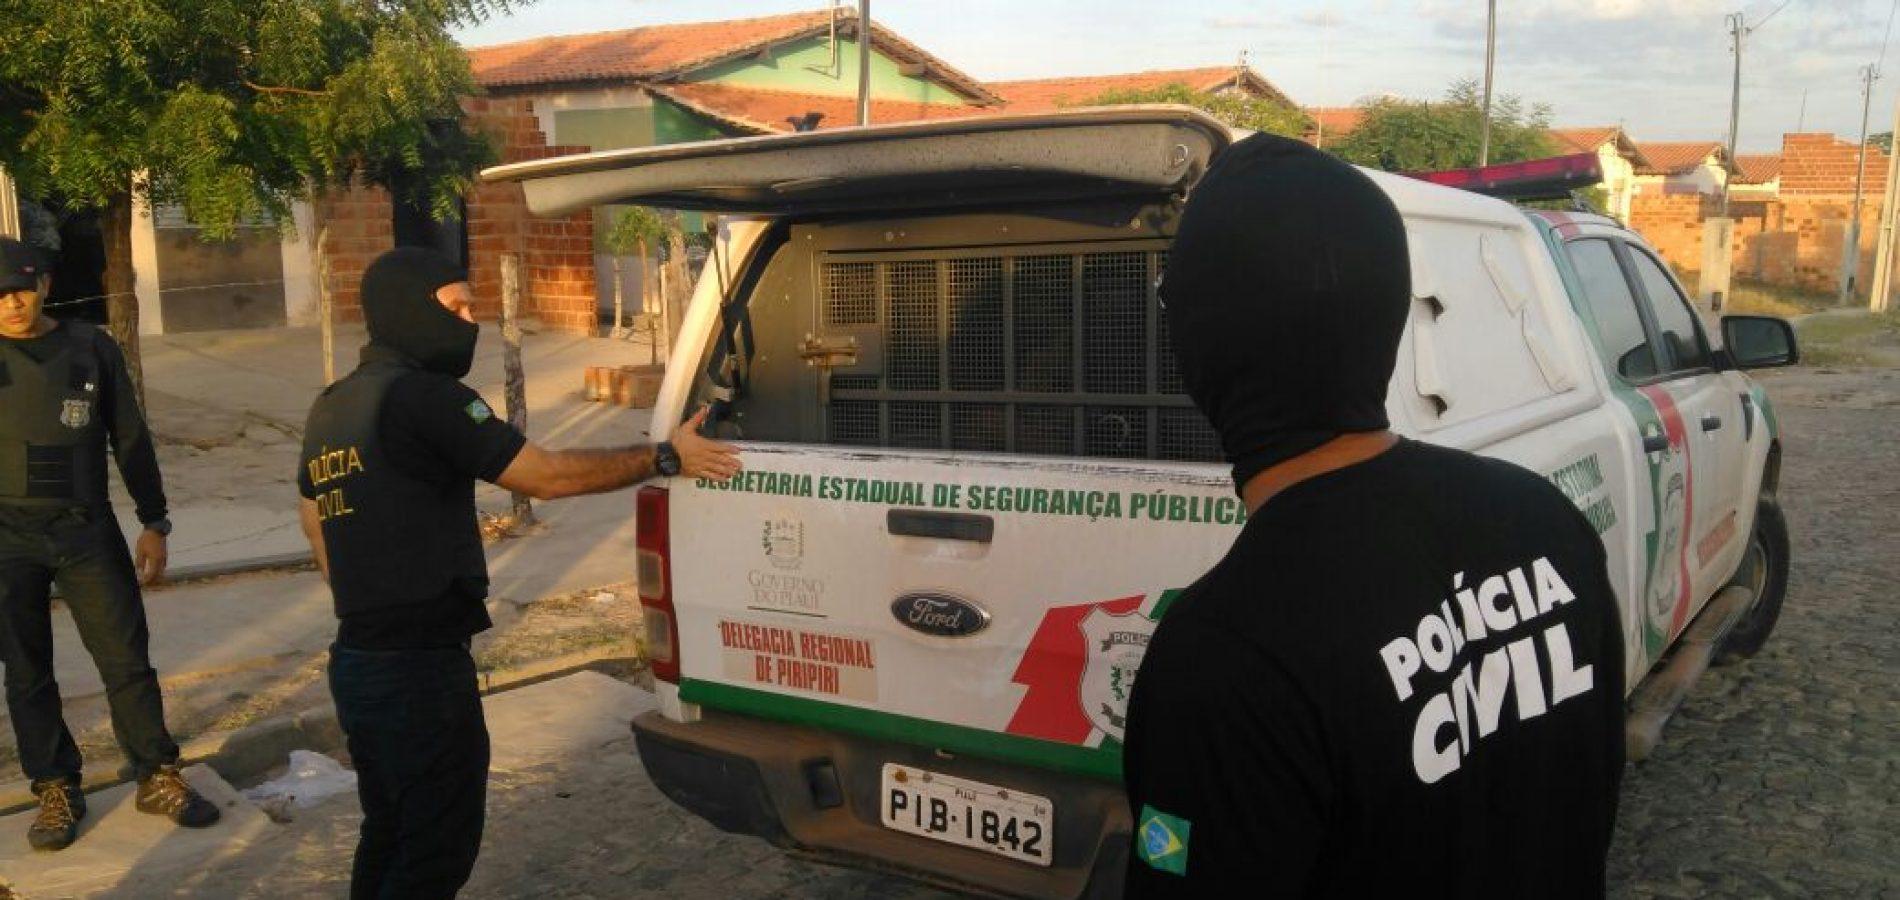 17 pessoas são presas durante operação da Polícia Civil no interior do Piauí